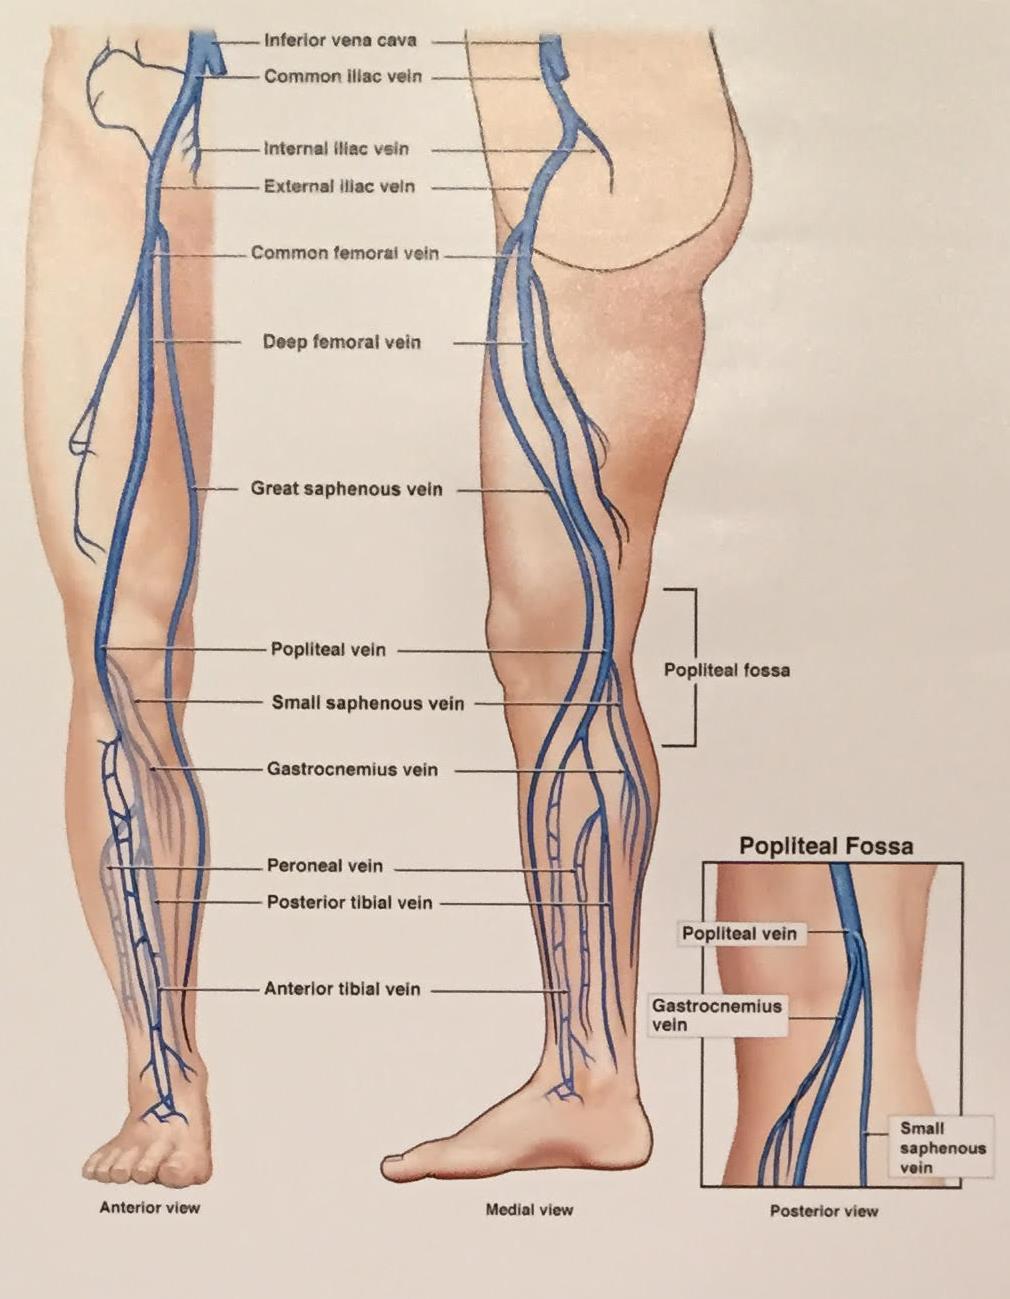 טיפול בורידים ברגליים